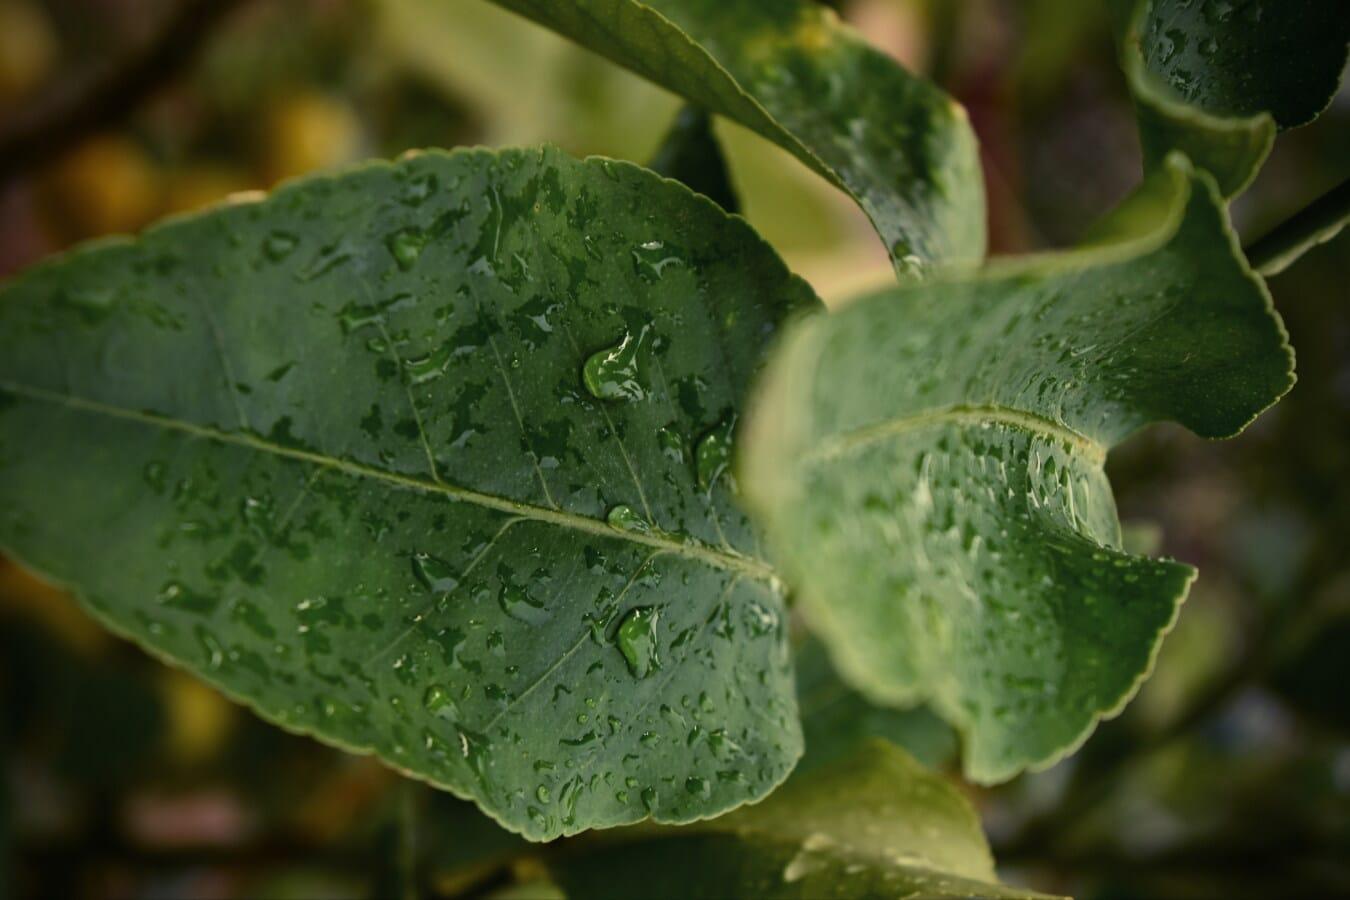 Wassertropfen, Regentropfen, nass, grüne Blätter, Flüssigkeit, Feuchtigkeit, Zweig, Flora, Kraut, Blatt